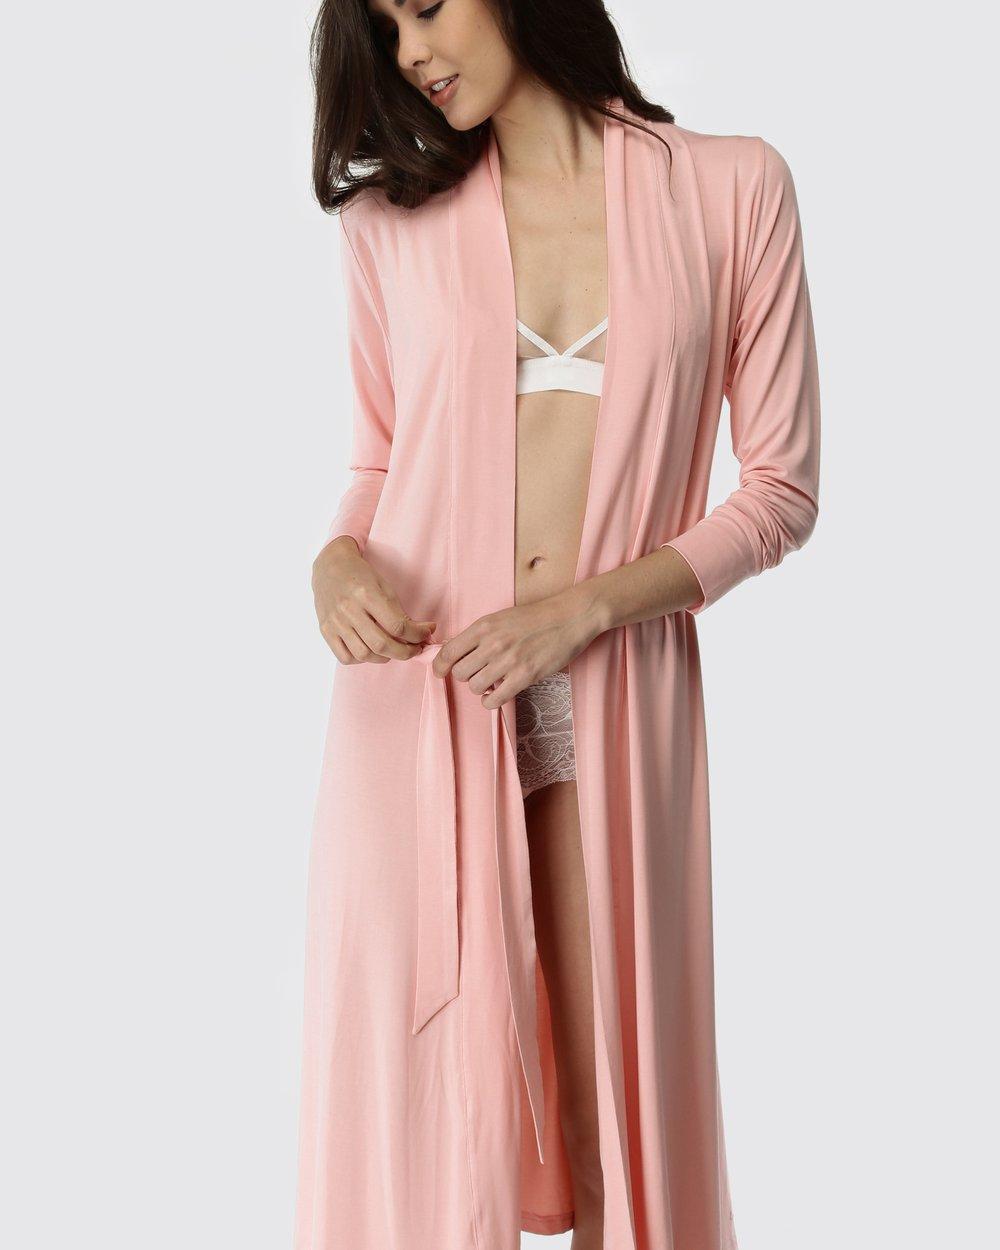 7727b918ac Wanderlust Robe by Deshabille Sleepwear Online